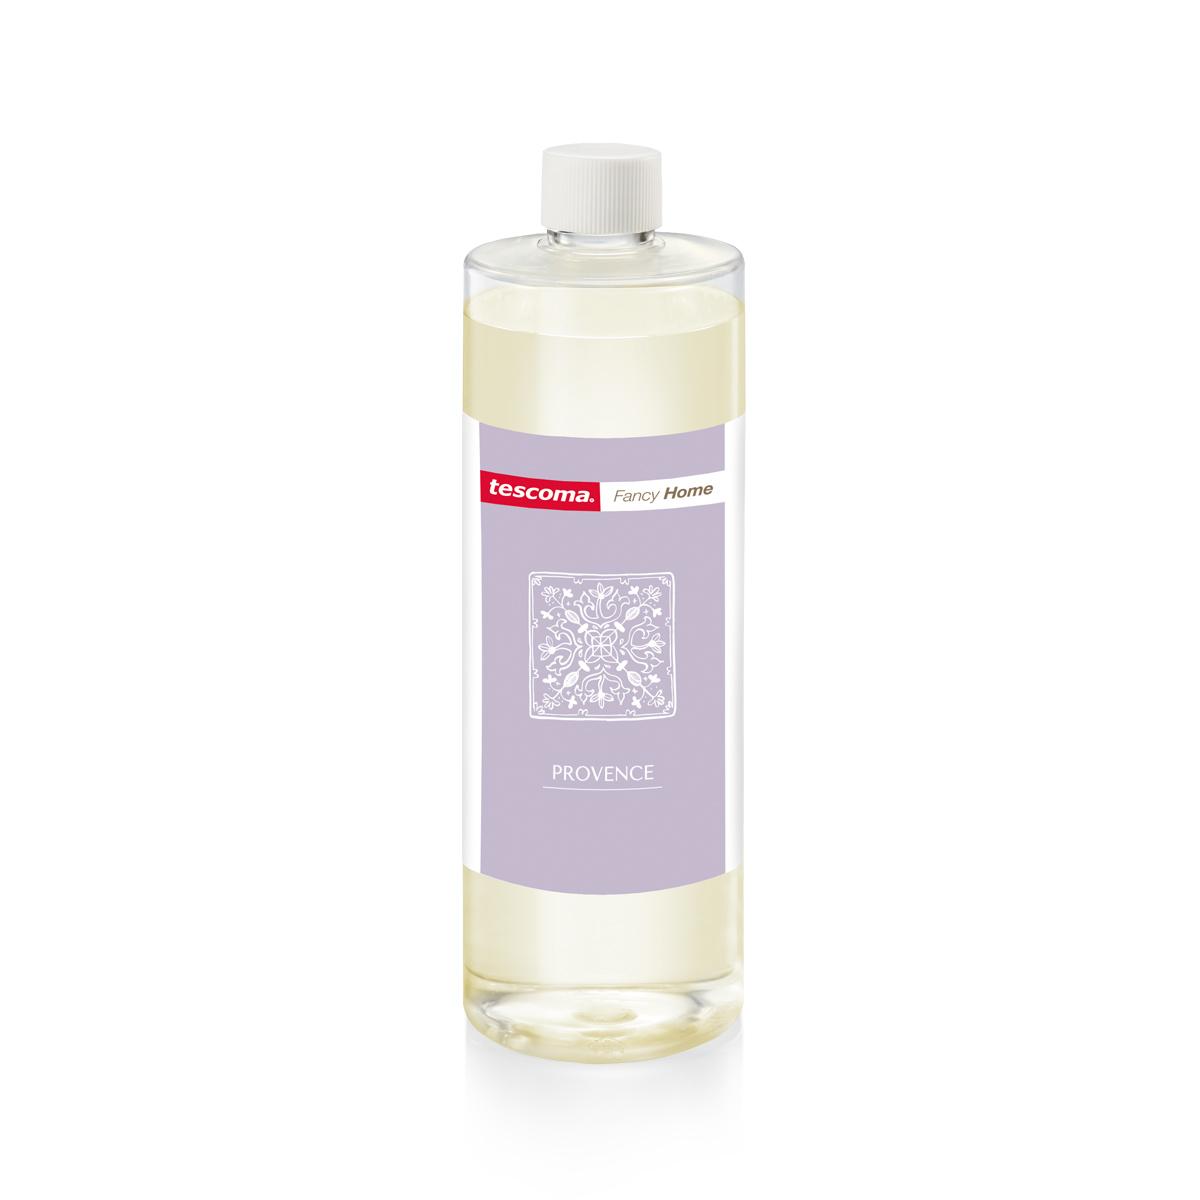 Náplň pro difuzér FANCY HOME 500 ml, Provence